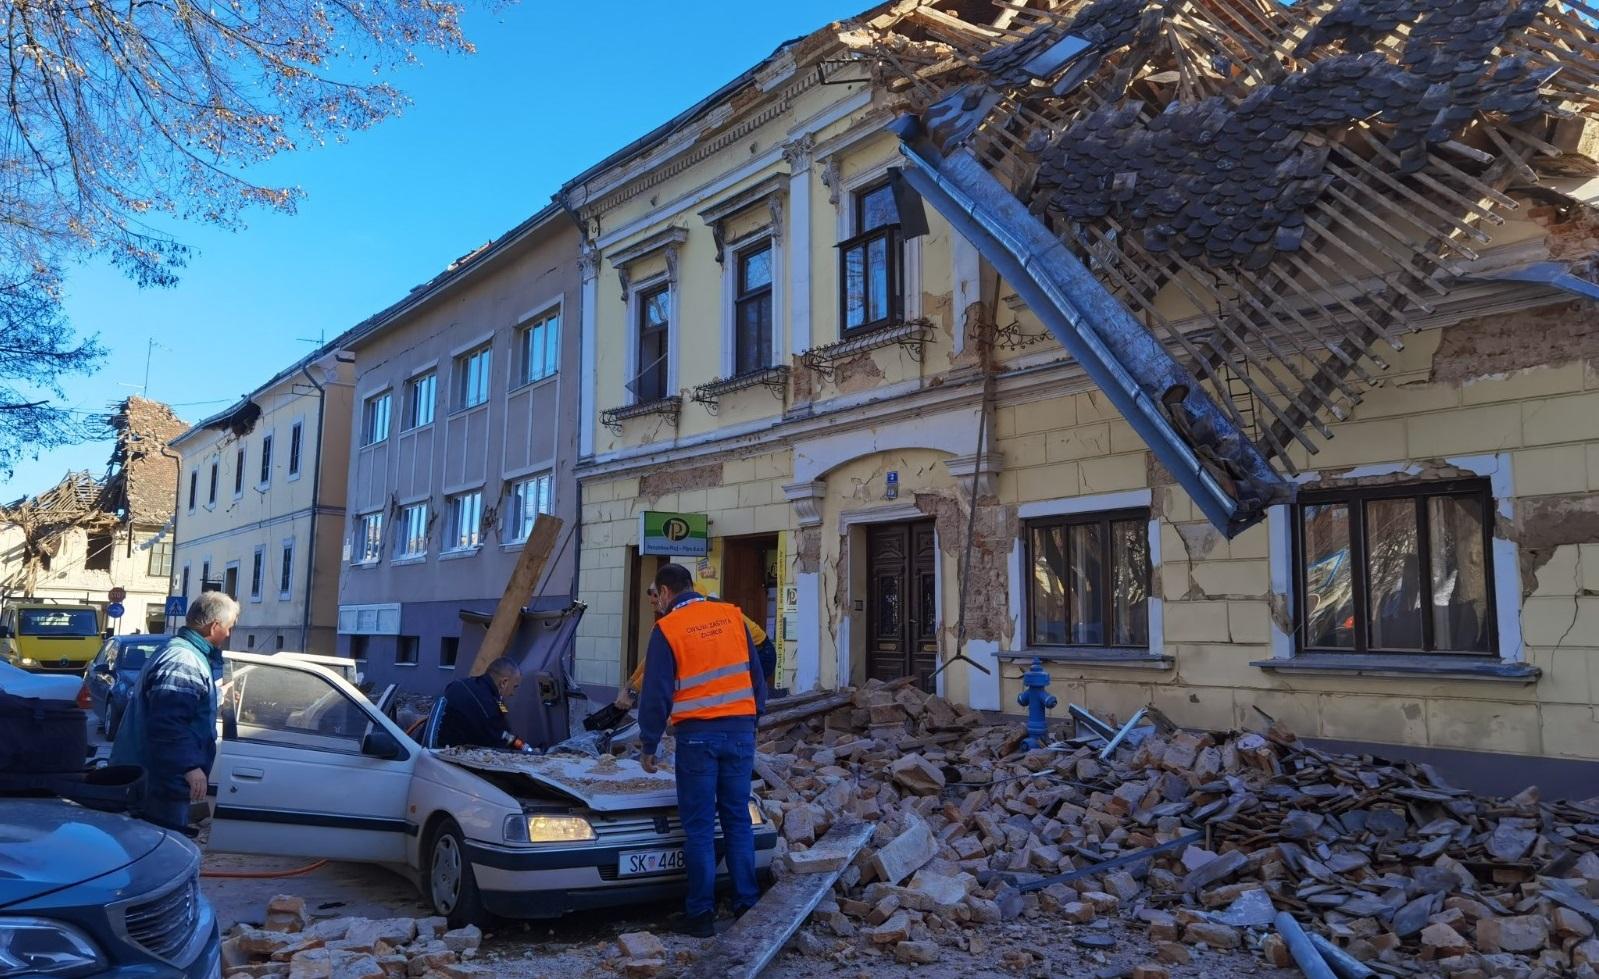 Croația| Cutremur puternic în apropiere de Zagreb. 6,3 grade pe scara Richter